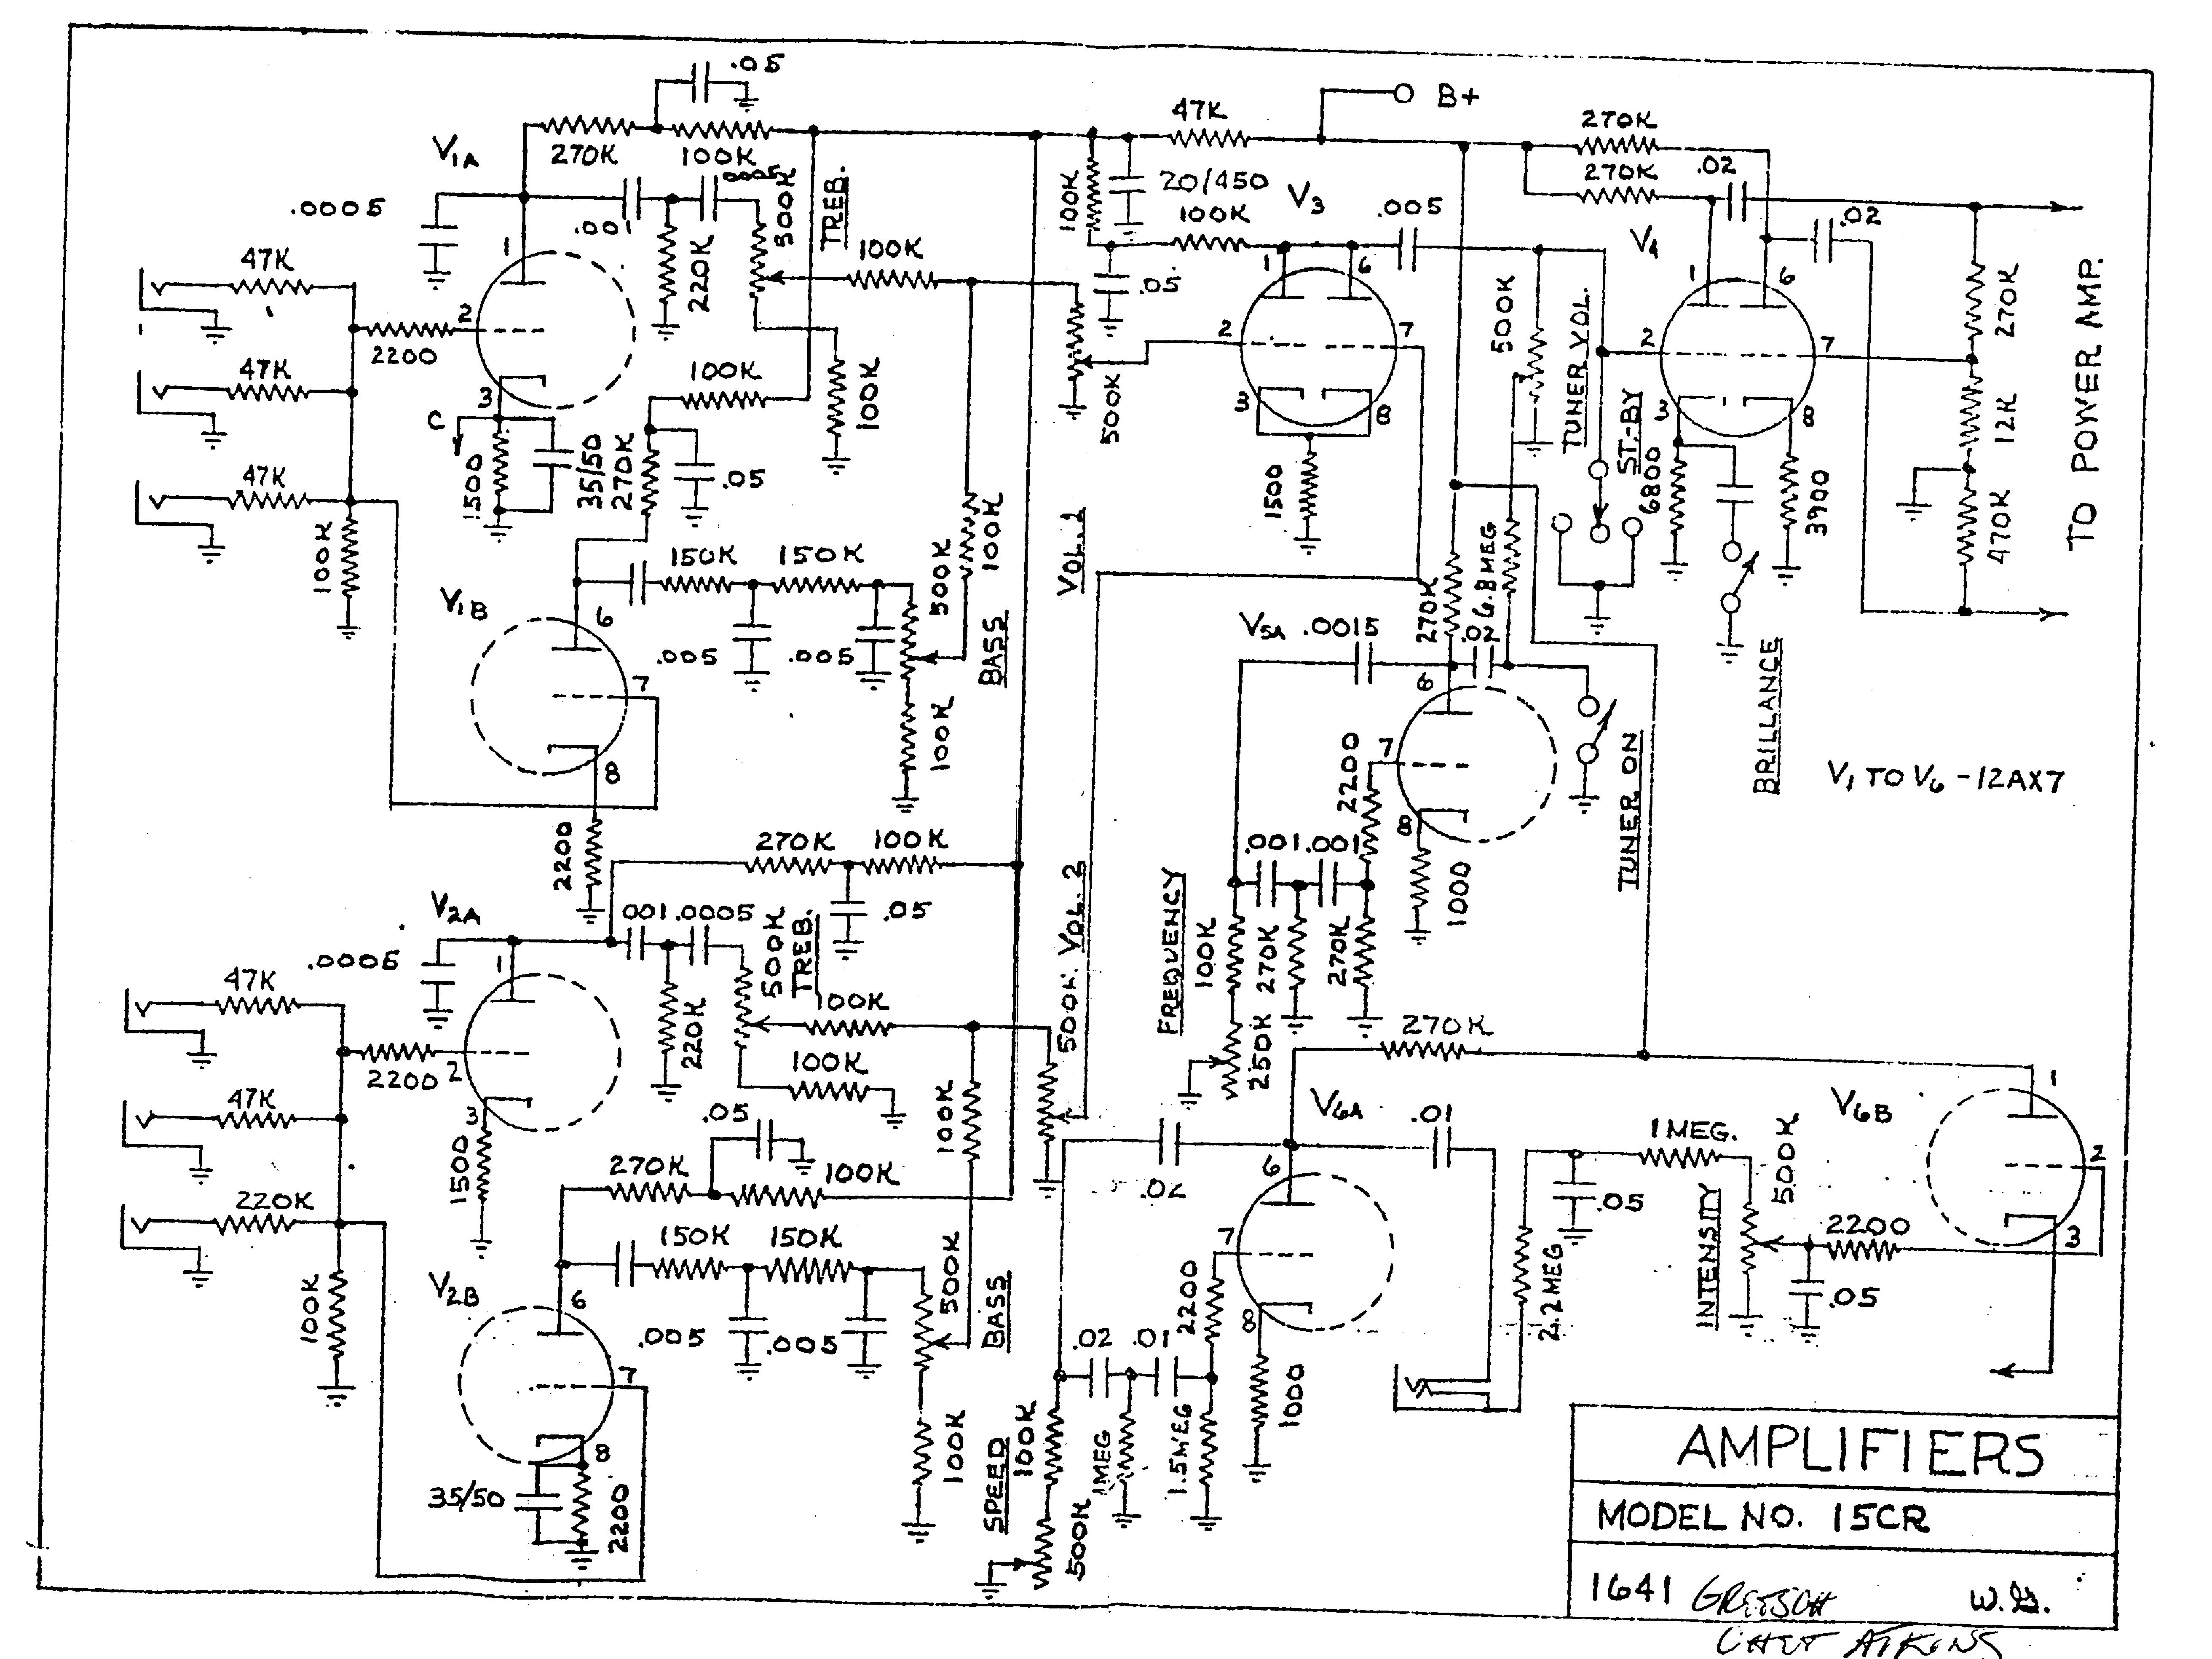 gretsch sch wiring diagram   26 wiring diagram images